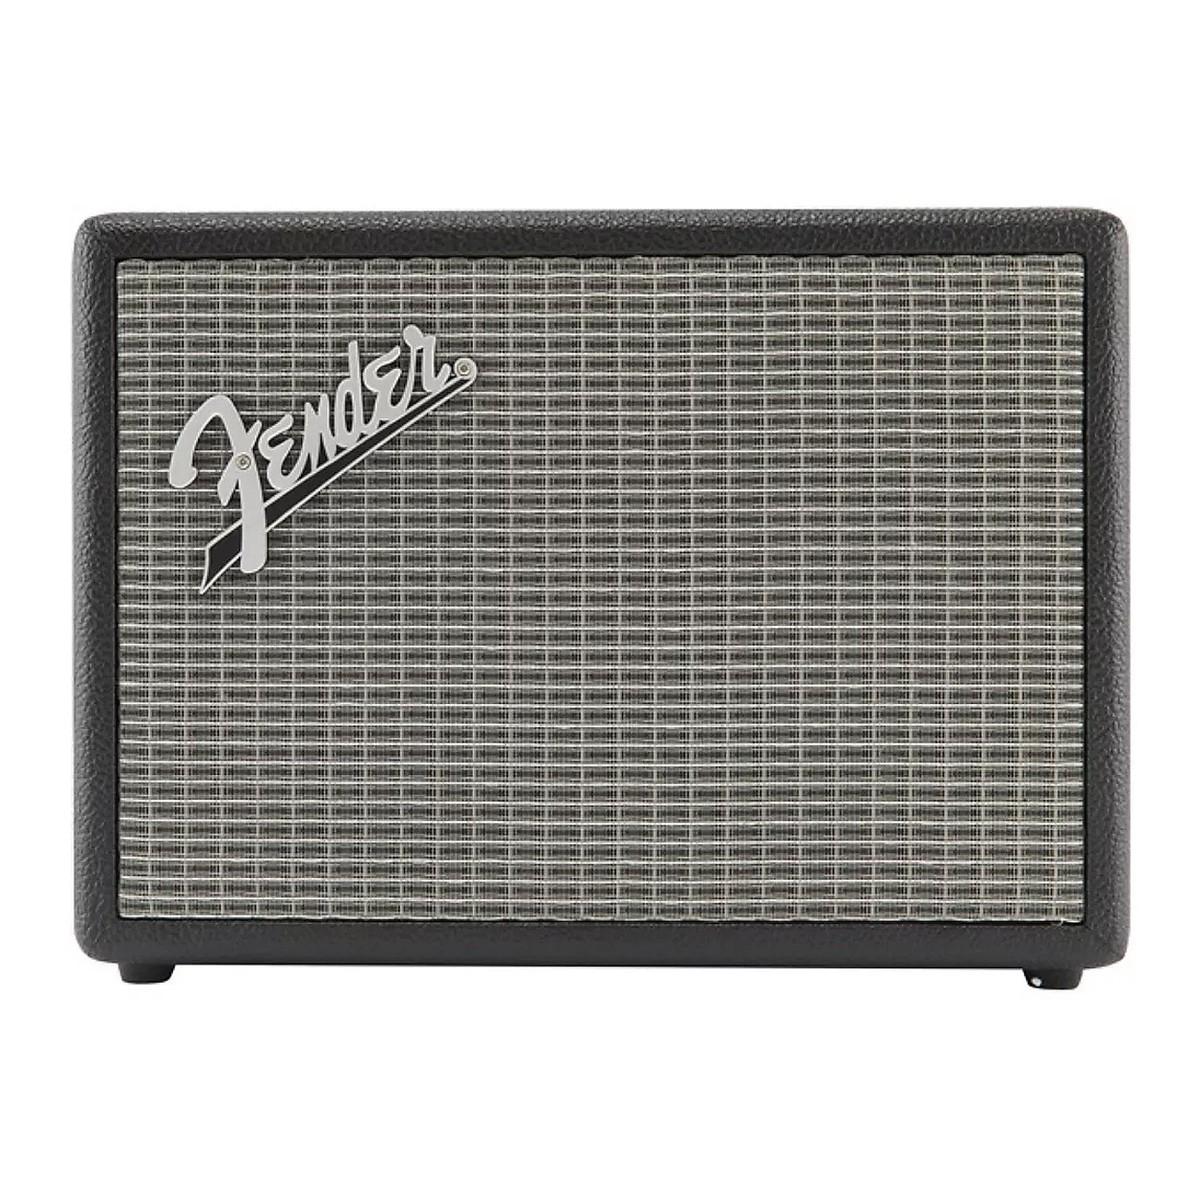 Fender Monterey Bluetooth-Lautsprecher, schwarz bei Gear4music